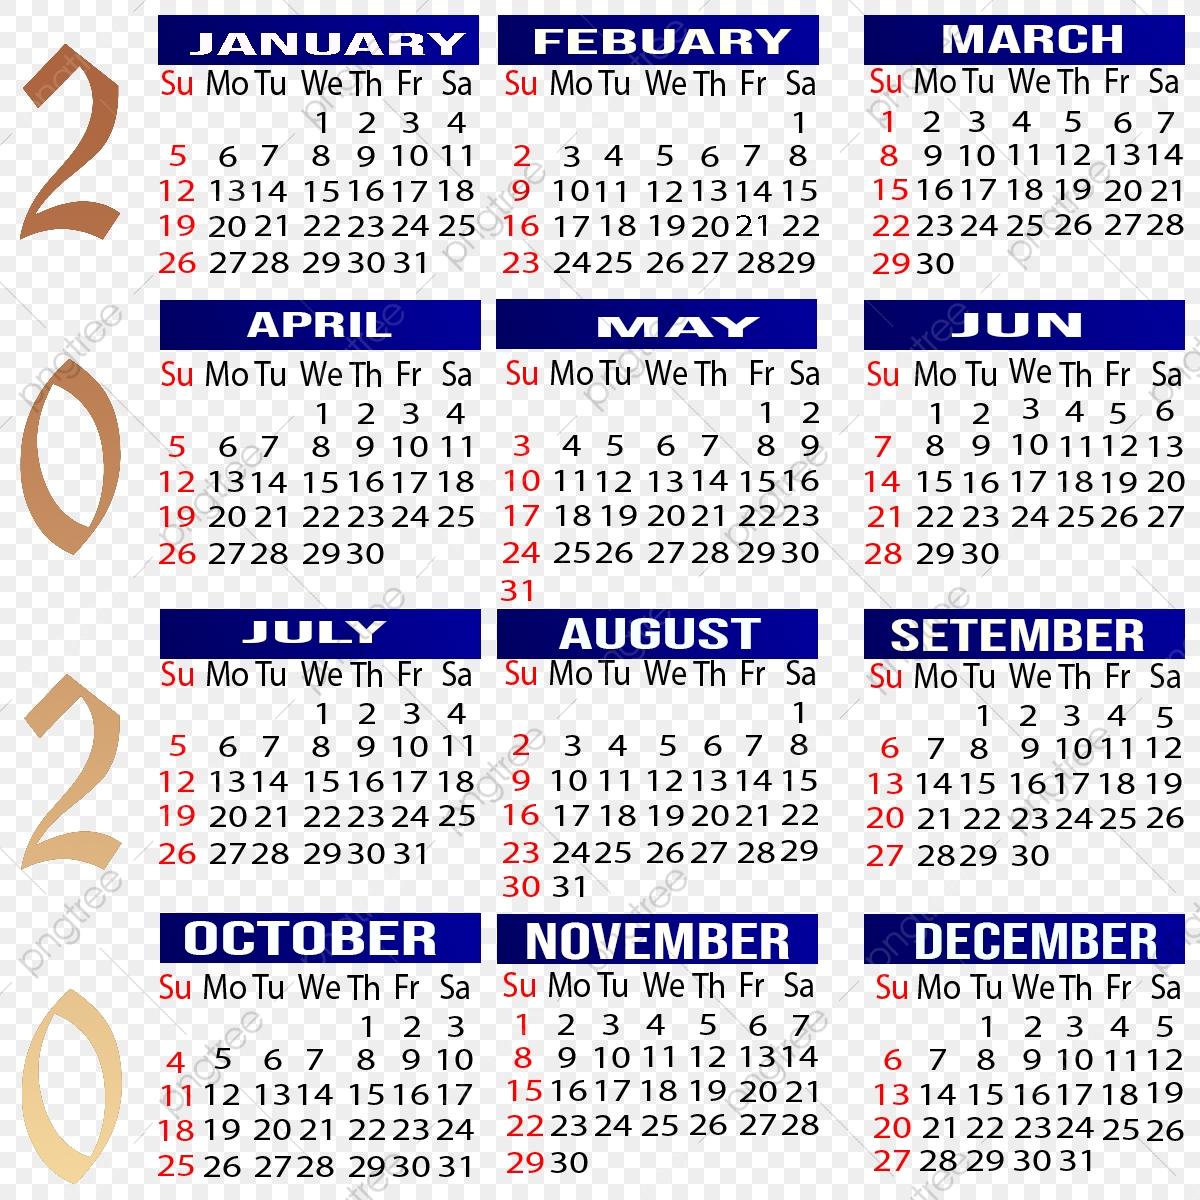 Kalendar 2020, Kalendar, Kalendar, Tahun Fail Png Dan Psd pertaining to Kalendar Kuda Tahun 2020